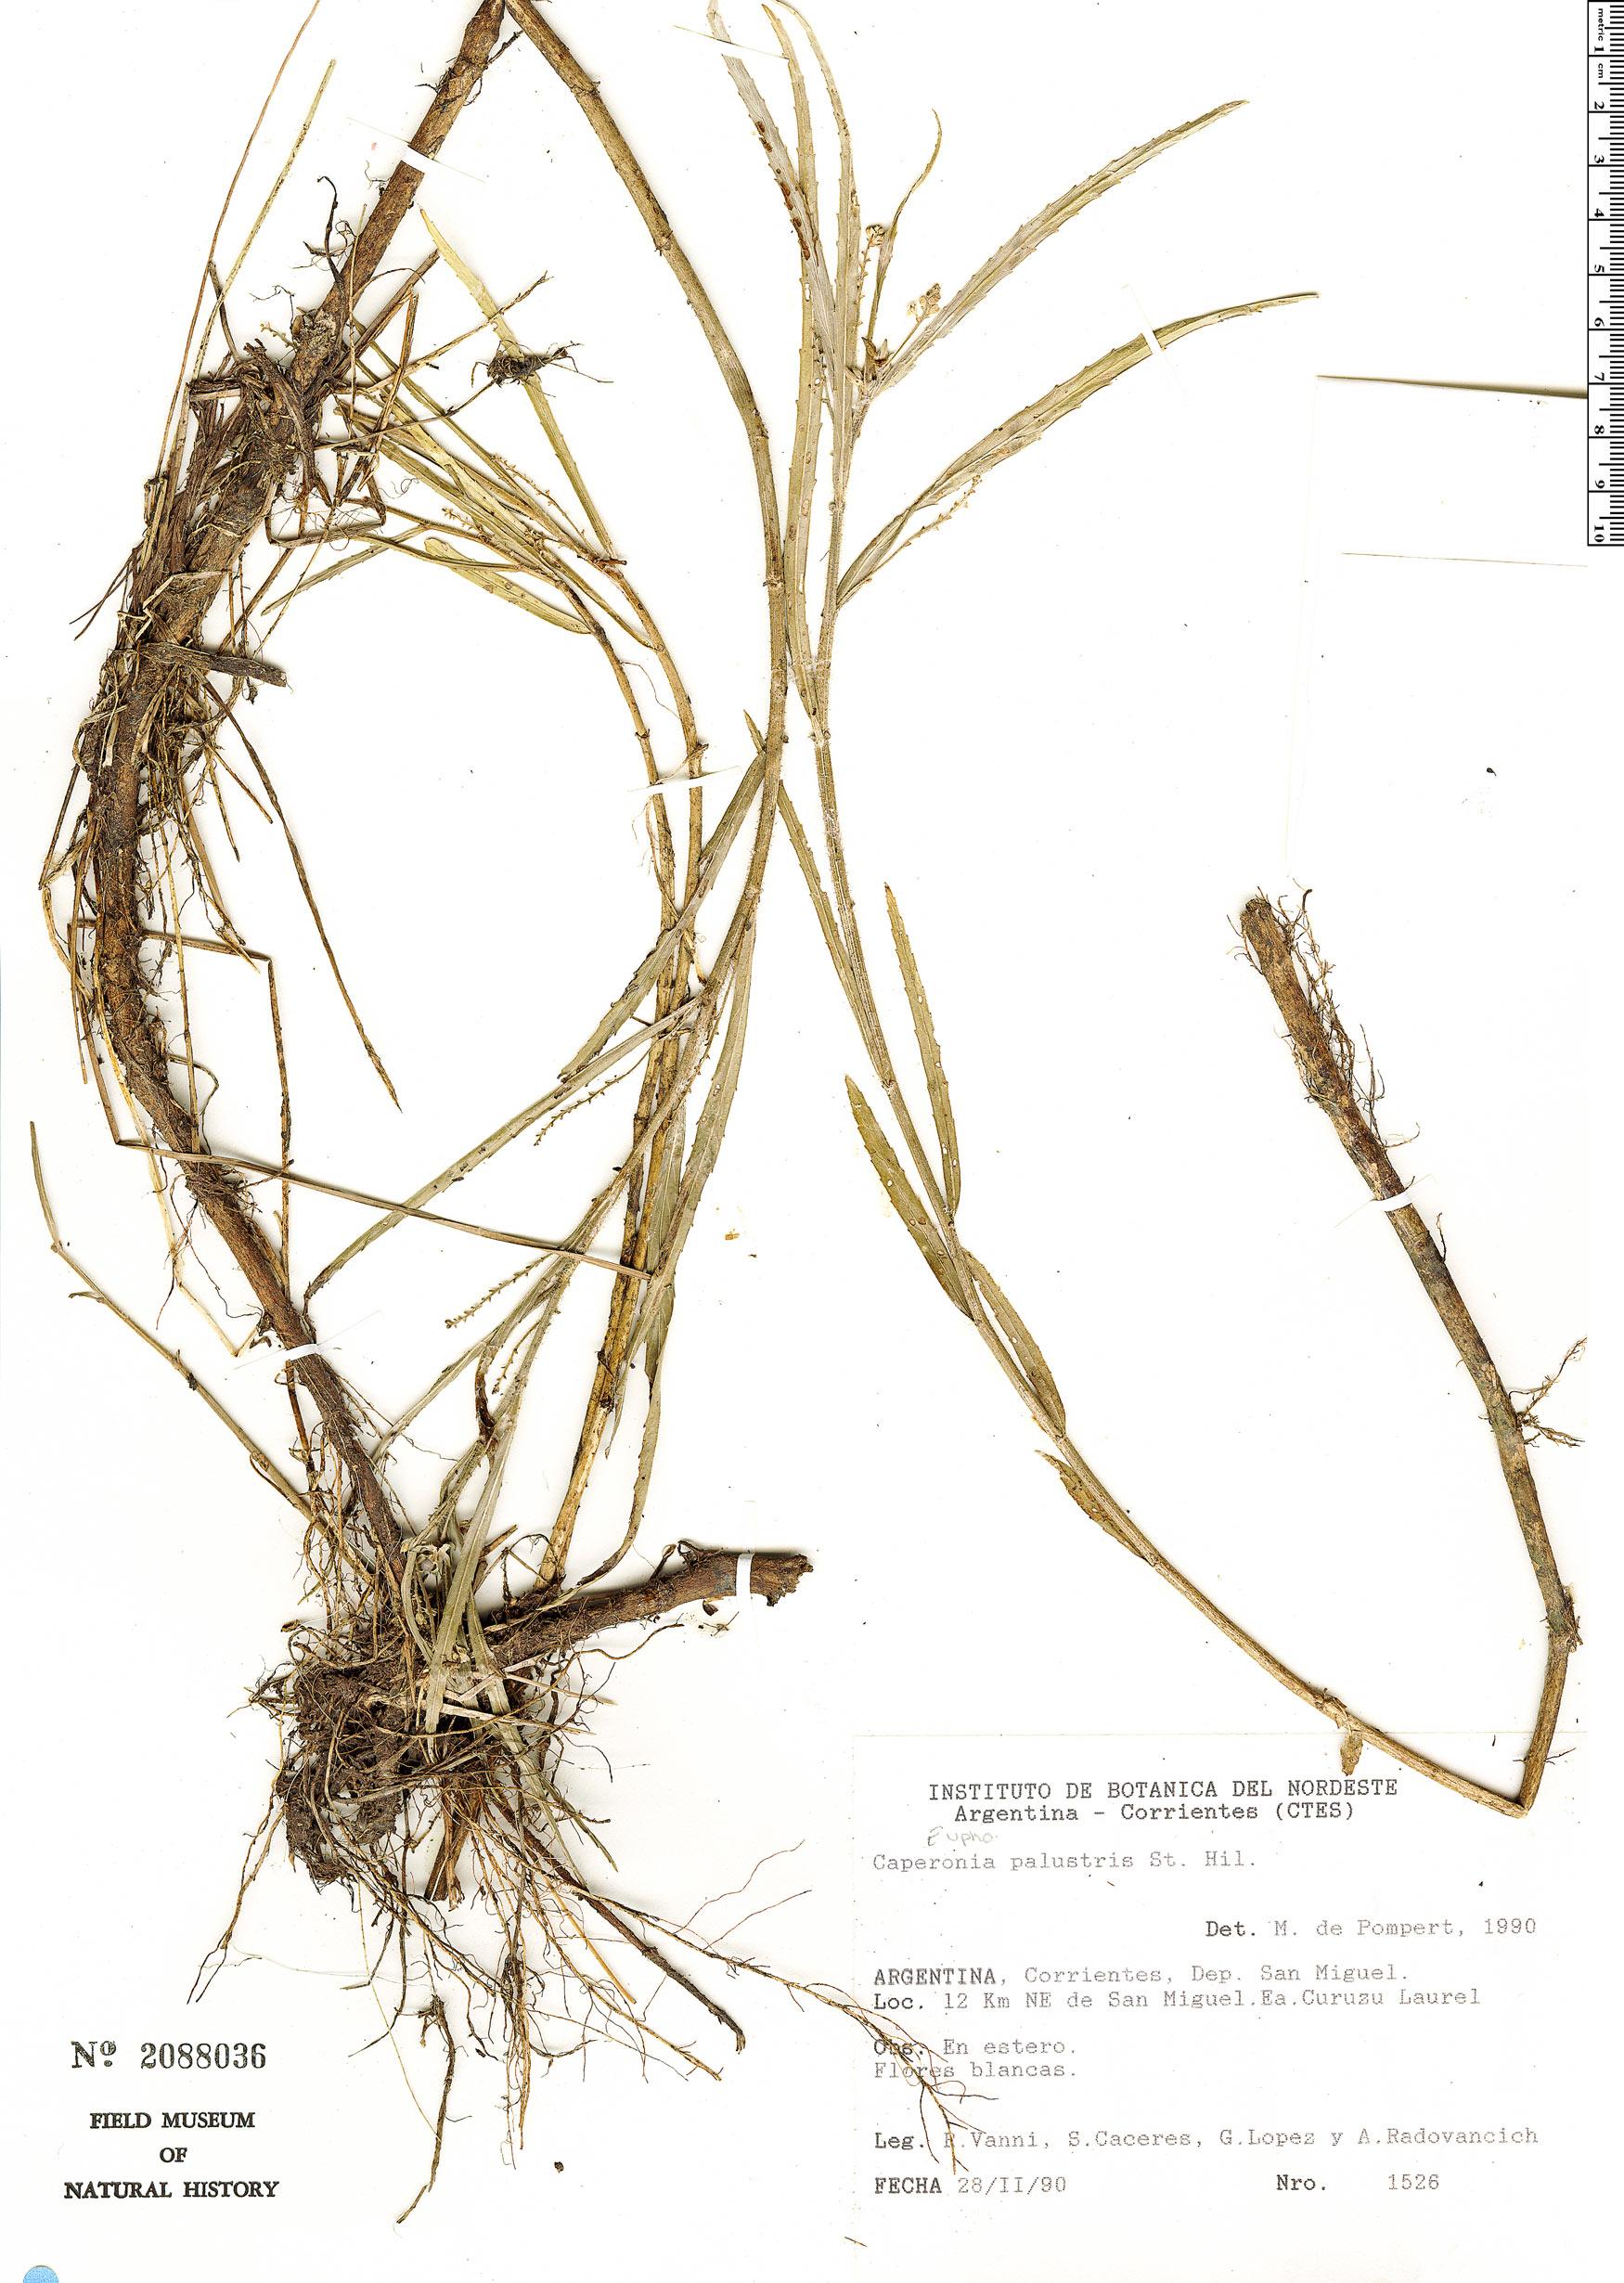 Specimen: Caperonia palustris